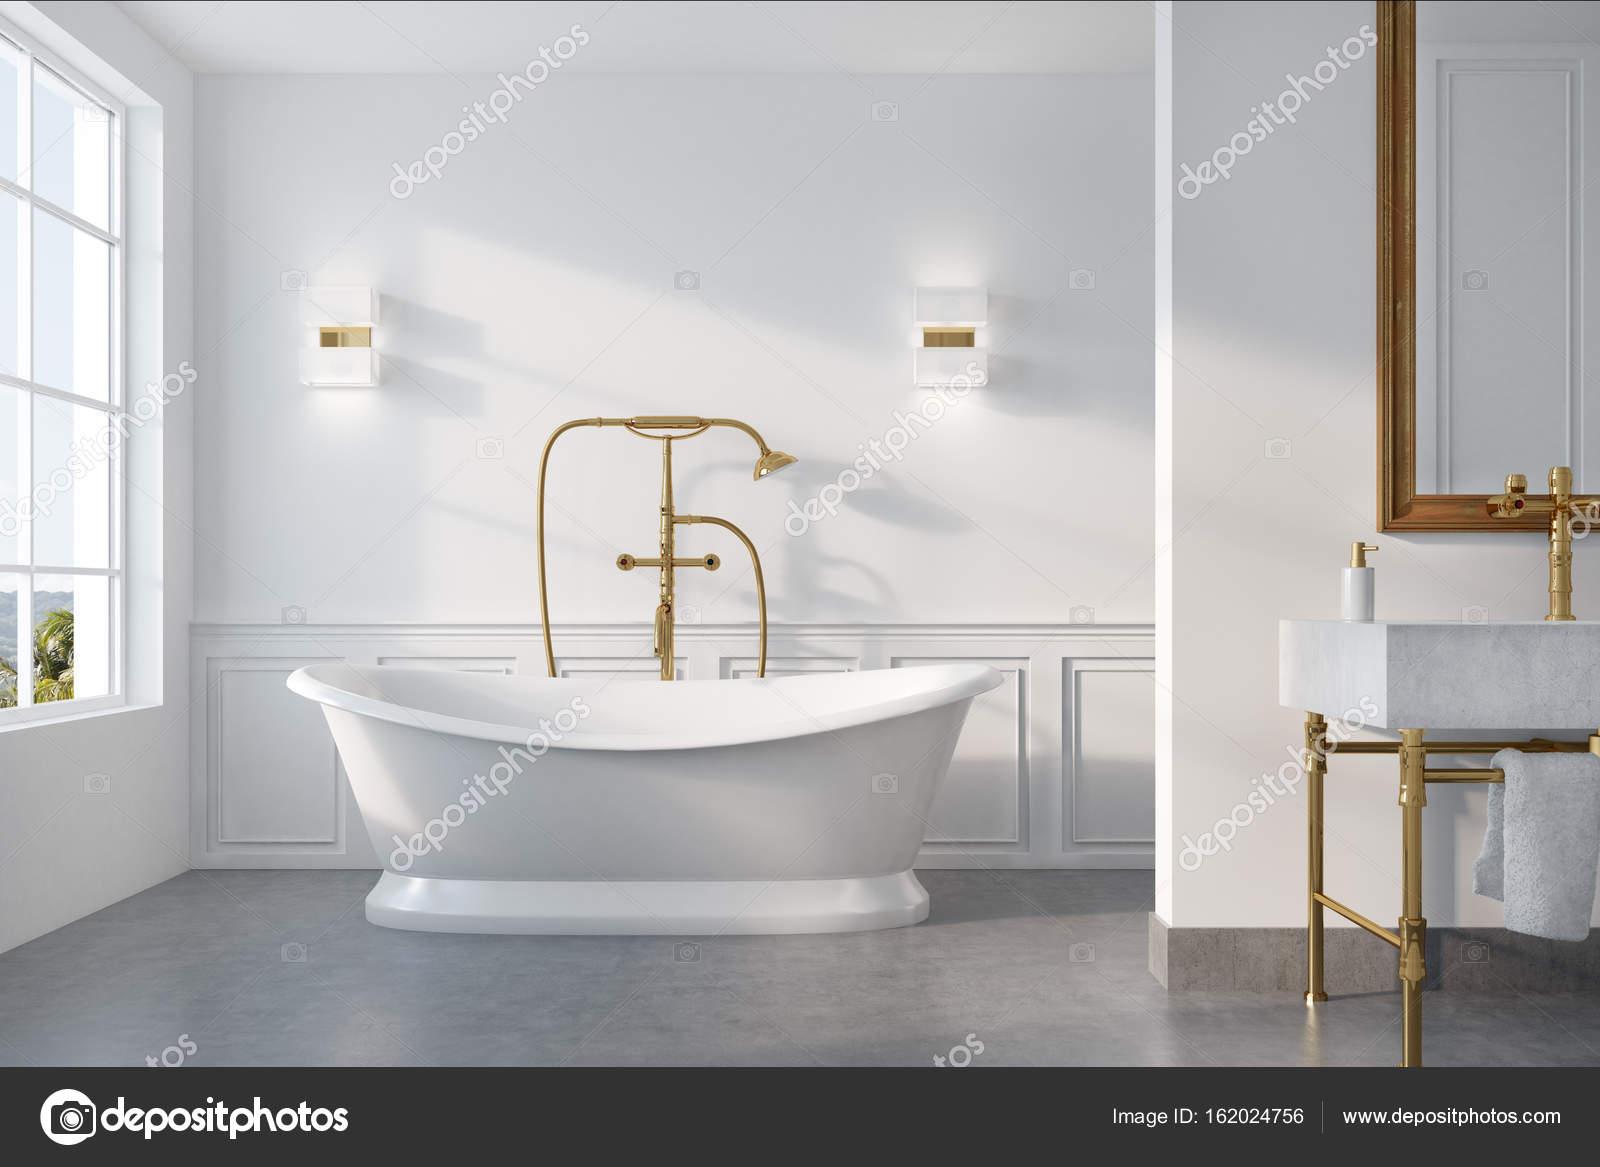 Vintage Badkamer Spiegel : Vintage badkamer interieur witte tub u2014 stockfoto © denisismagilov